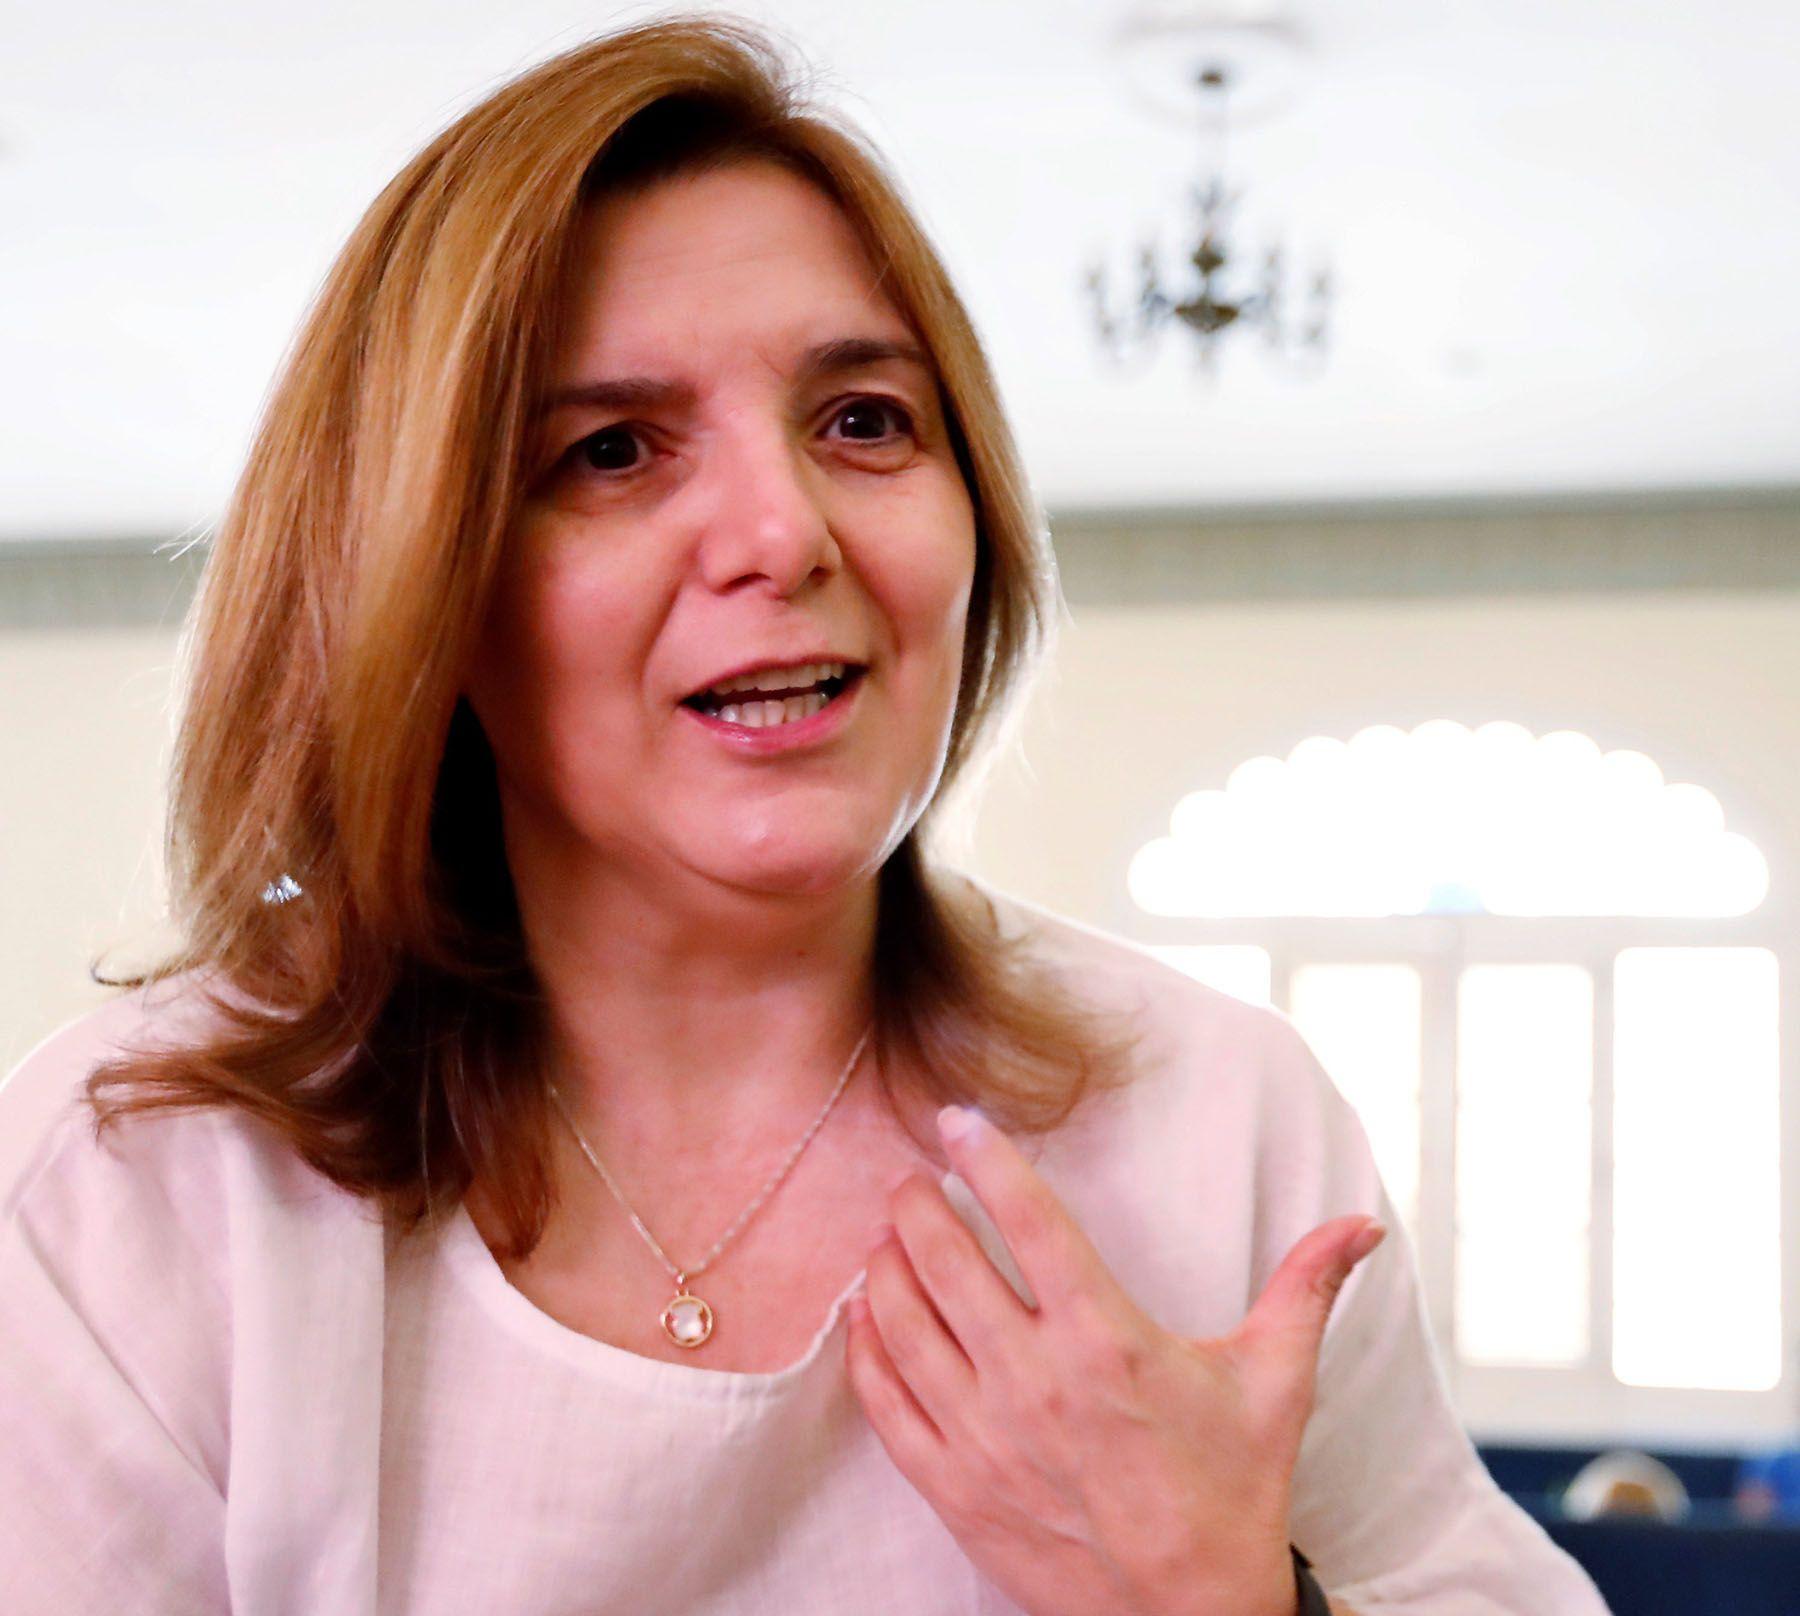 La diputada del Partido Socialista Obrero Español (PSOE), Pilar Cancela, en una entrevista con la egncia EFE durante su visita a la Cuba, el 22 de marzo de 2019. Foto: Ernesto Mastrascusa / EFE.